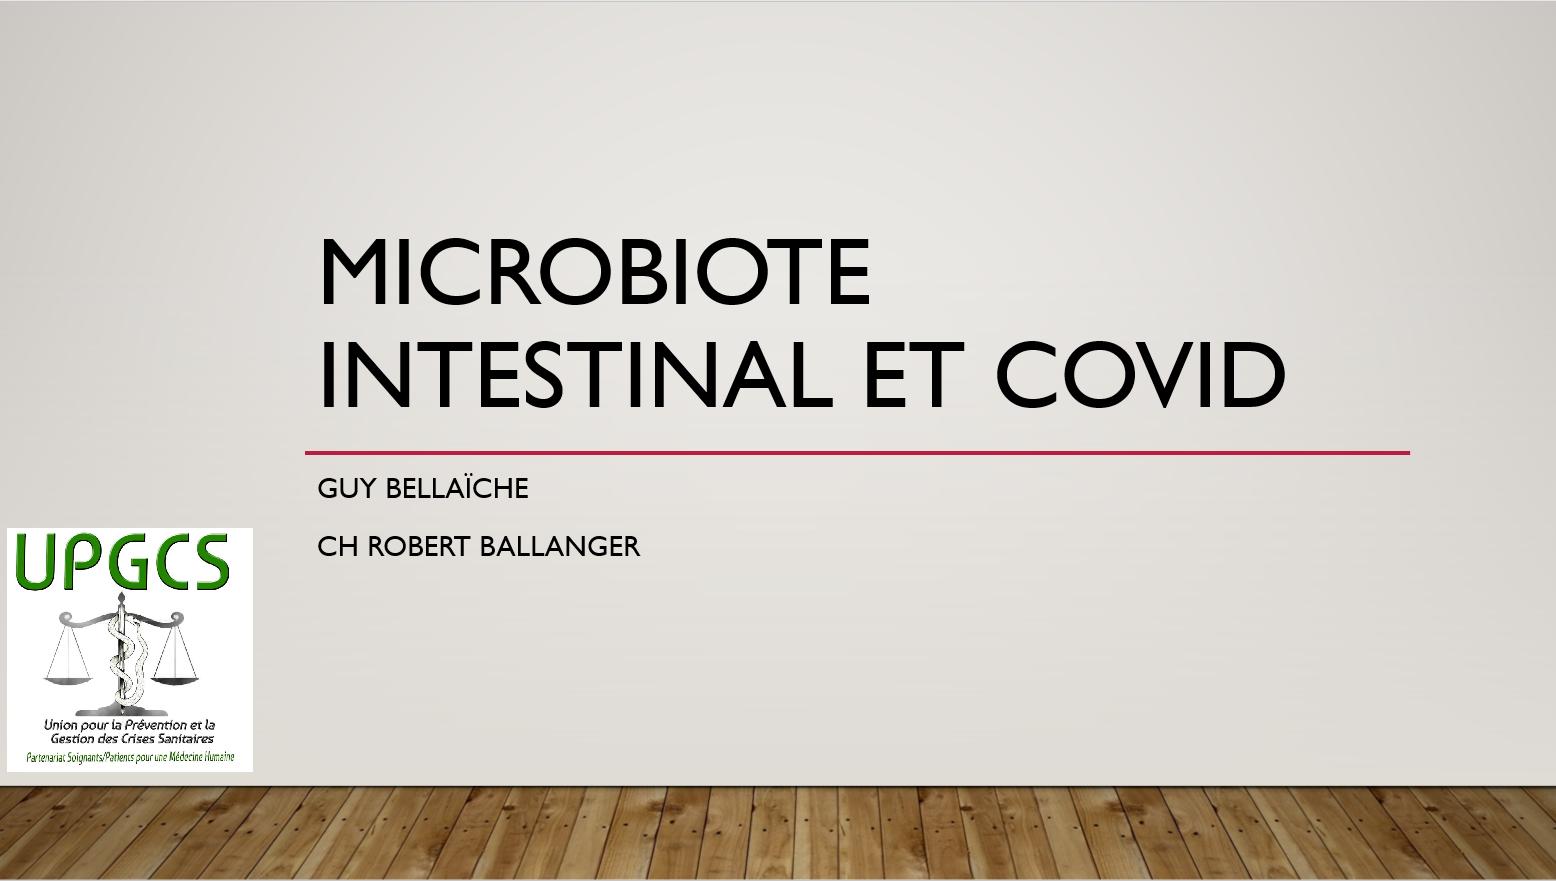 Microbiote intestinal et Covid, une conférence du Docteur Guy Bellaïche